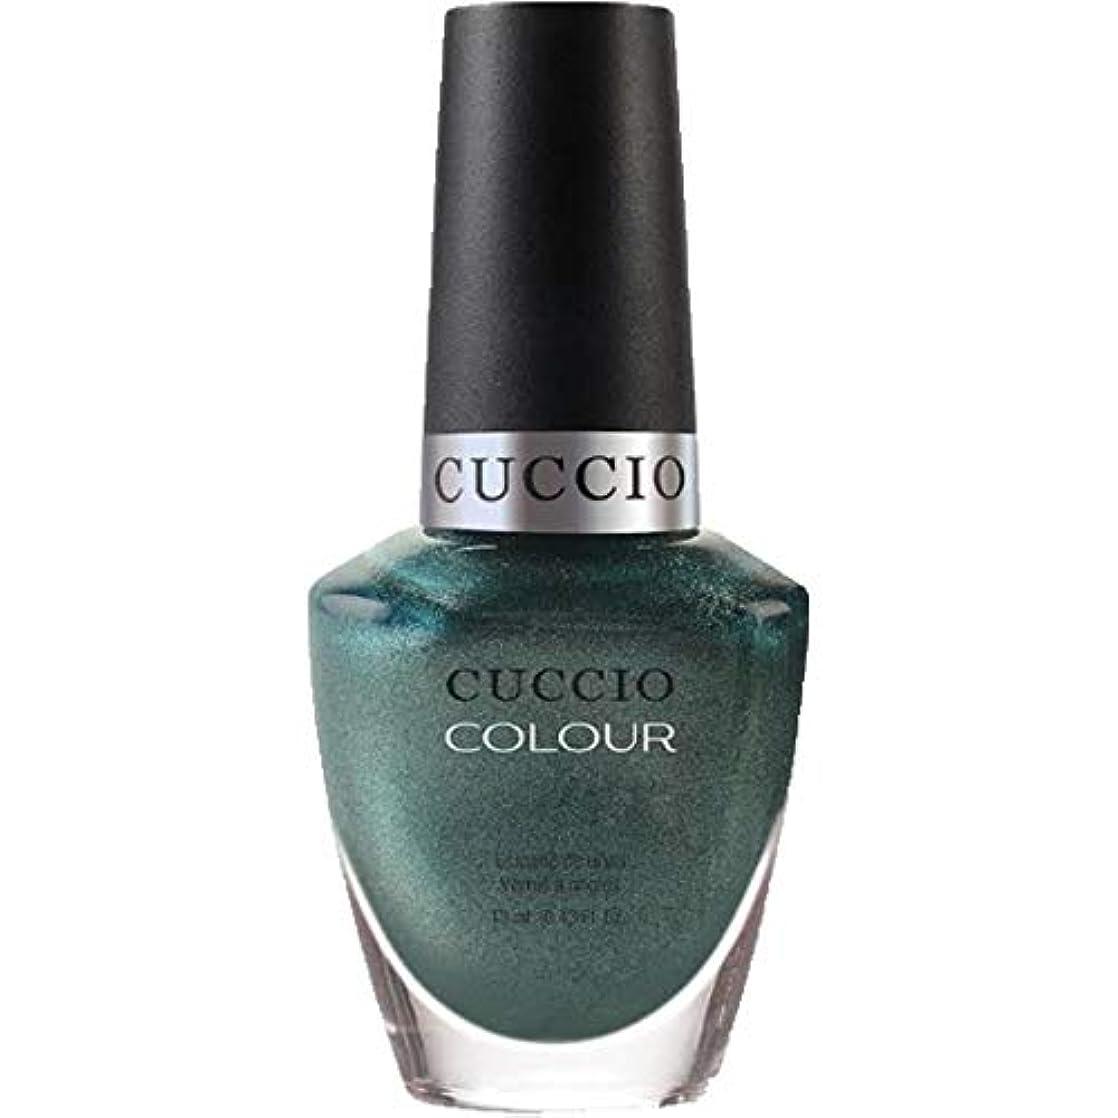 カールモバイルスコットランド人Cuccio Colour Gloss Lacquer - Notorious - 0.43oz / 13ml